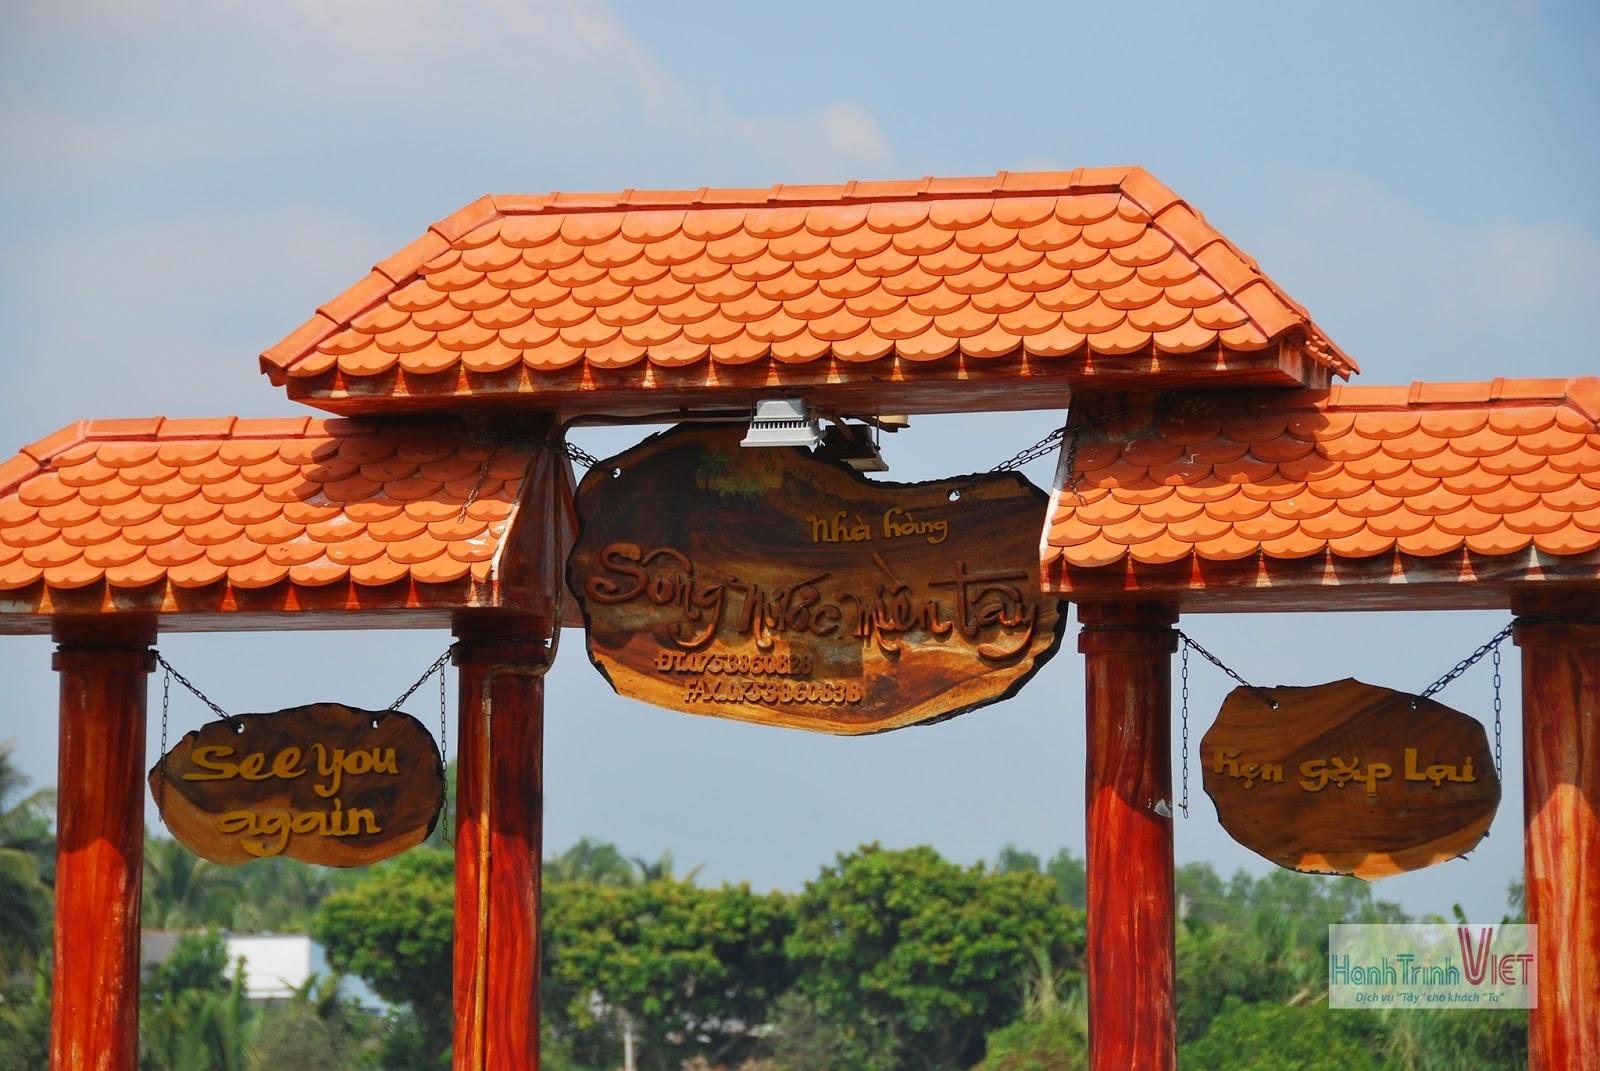 Tham quan nhà hàng Sông Nước Miền Tây ở Bến Tre